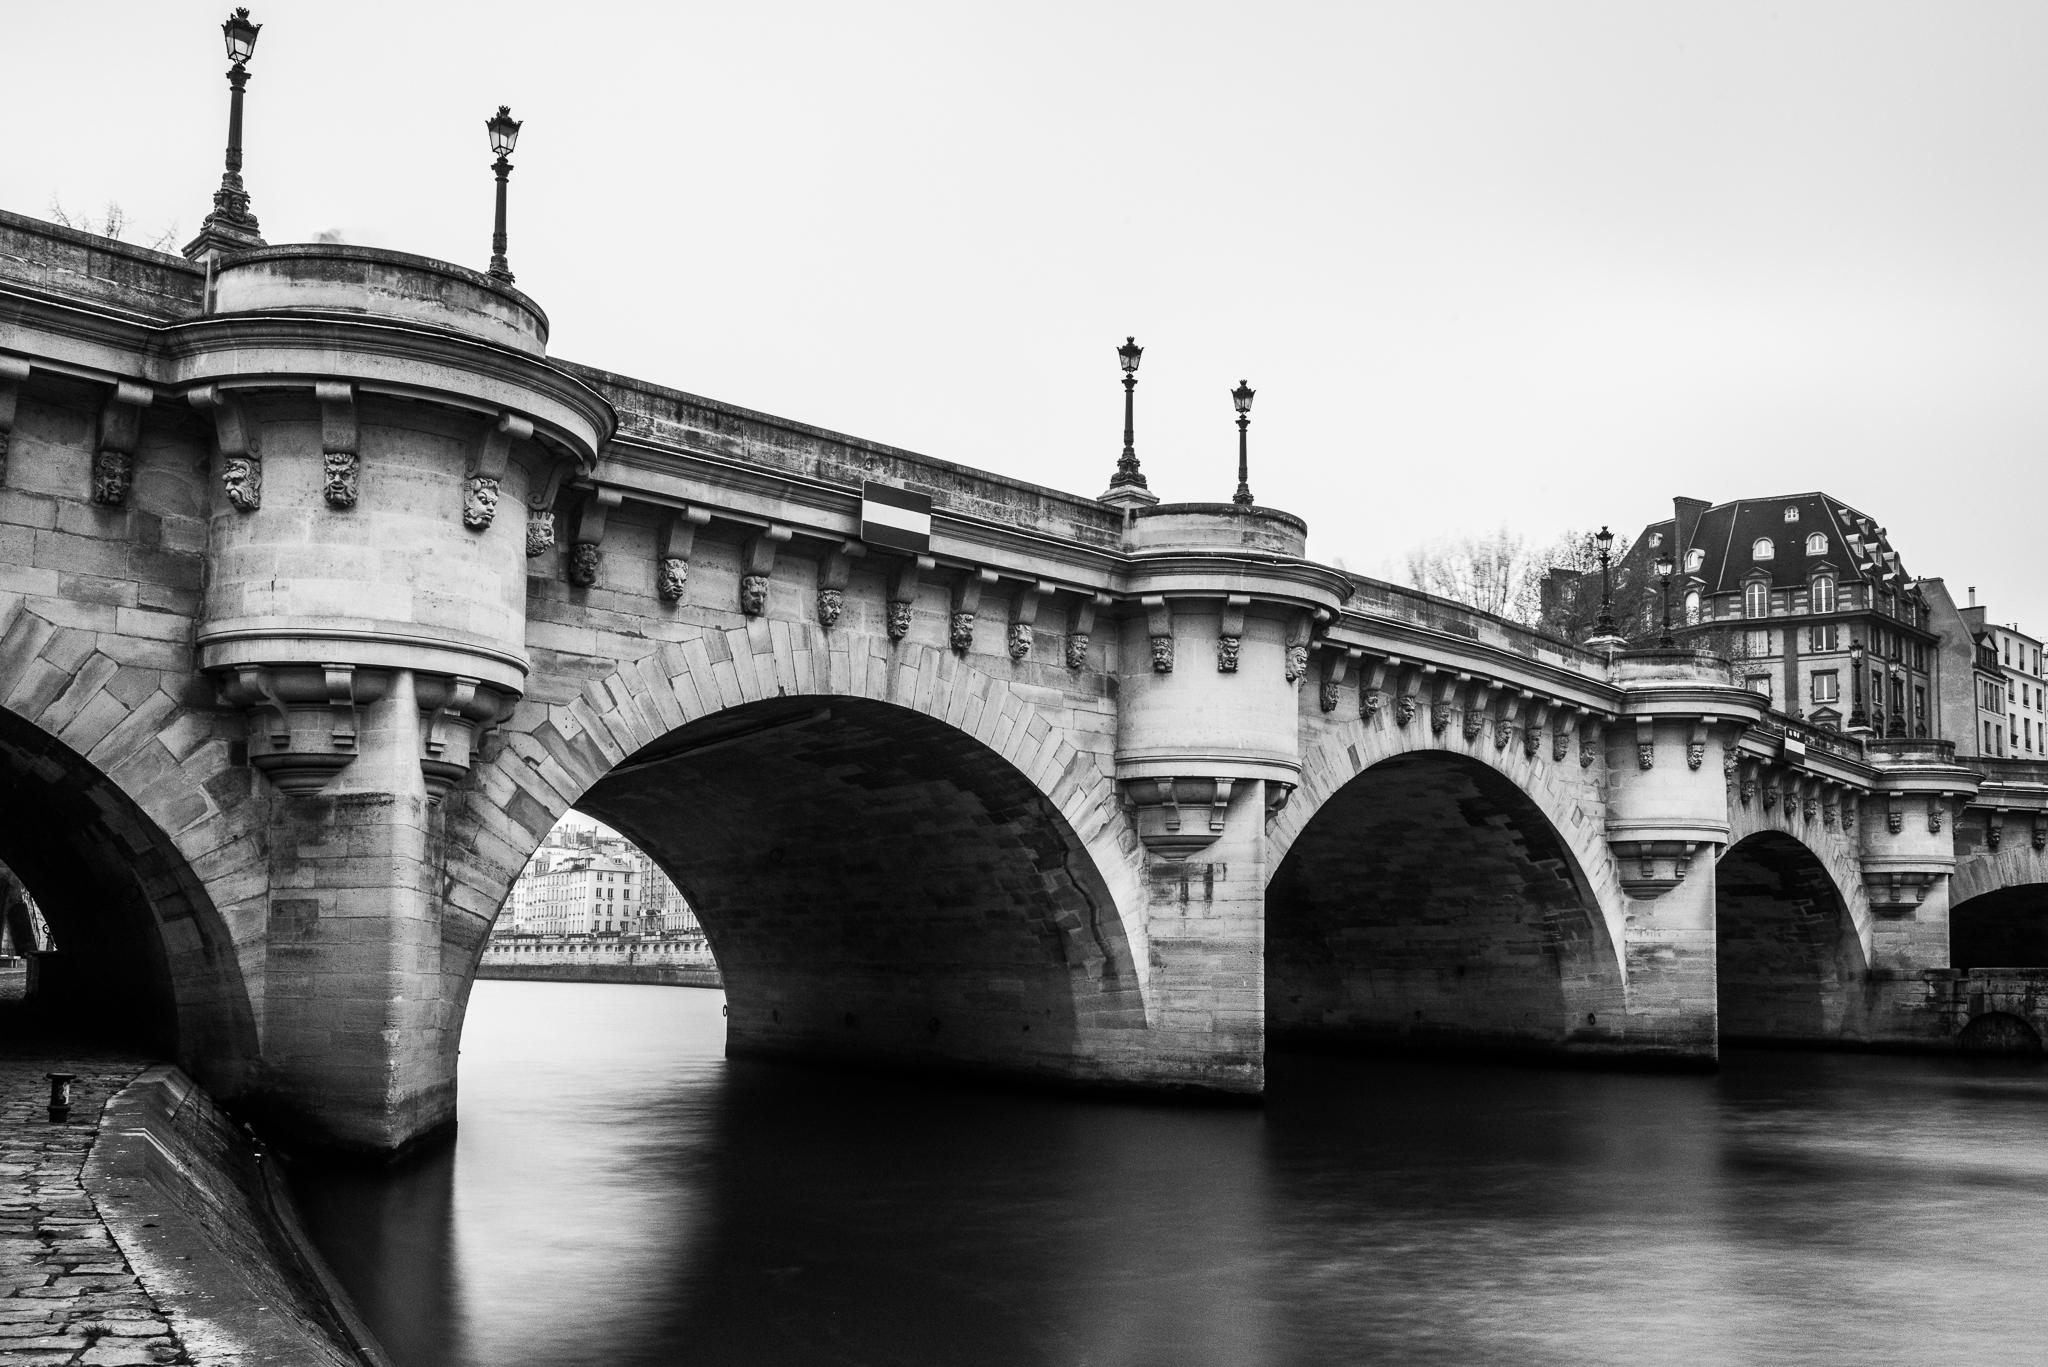 Jason-Davis-Images-Paris-0015.jpg